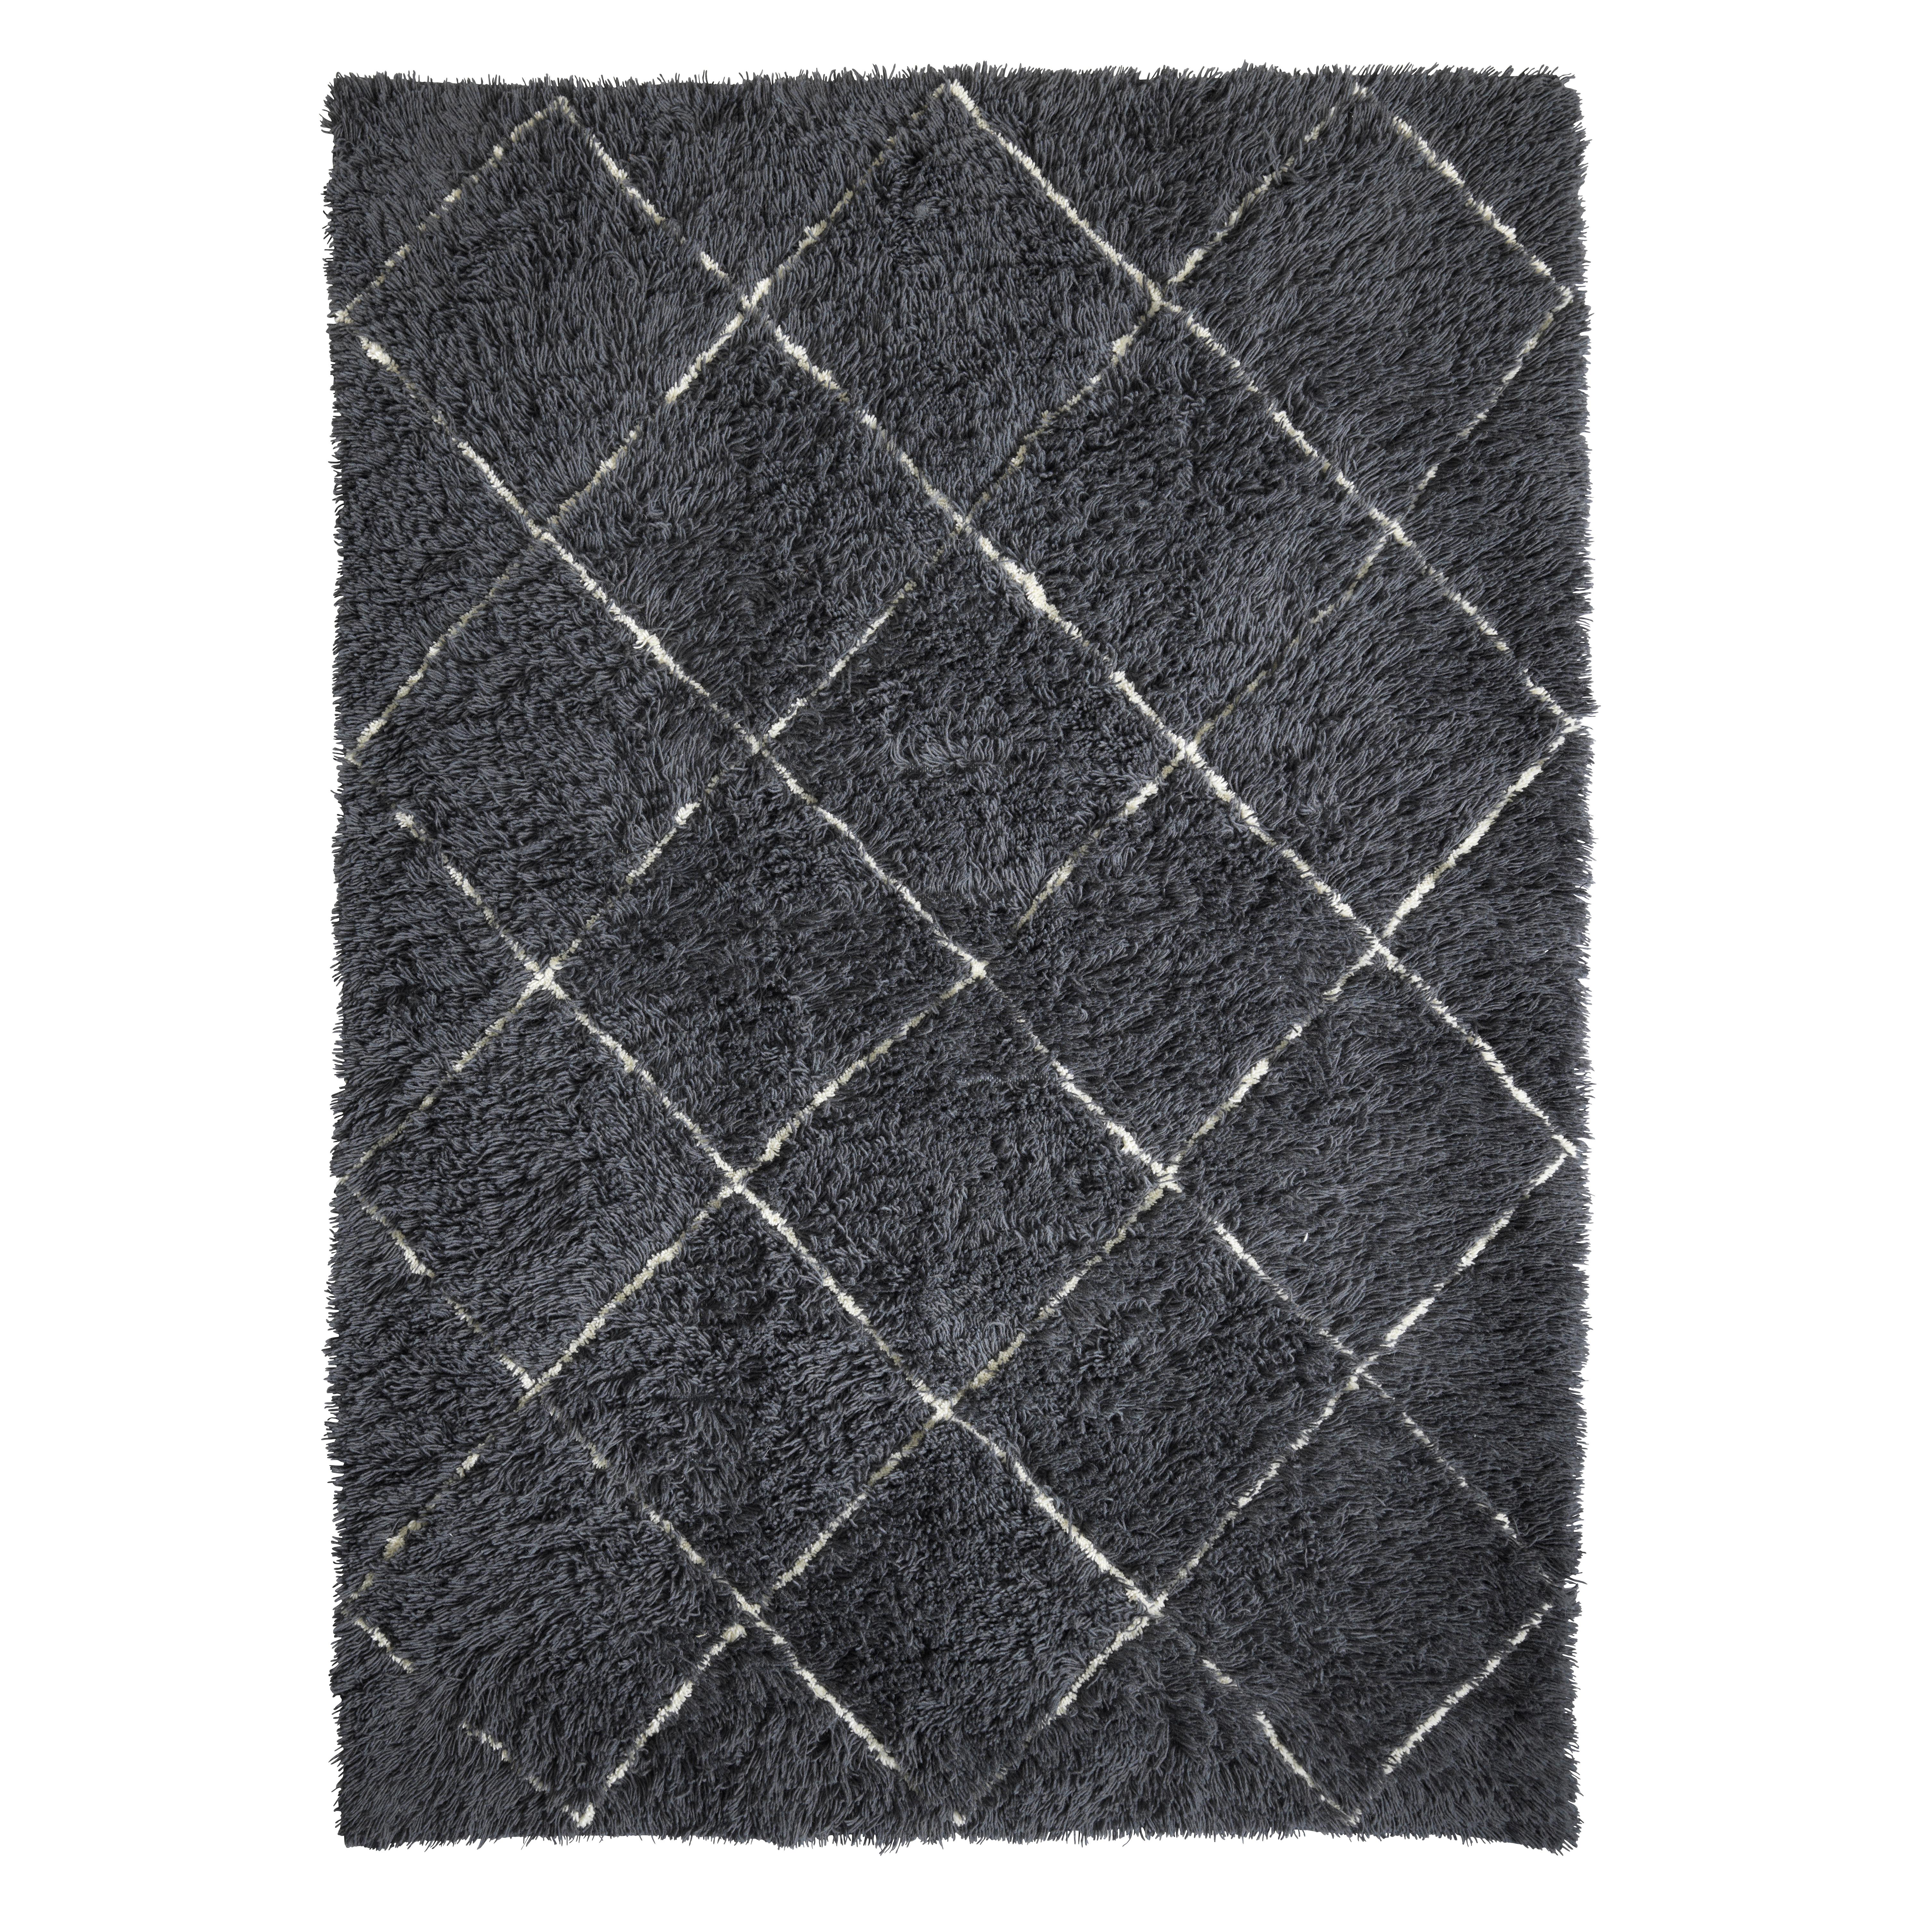 Image of   Living&more gulvtæppe med grafisk mønster - Poona - Sort/natur